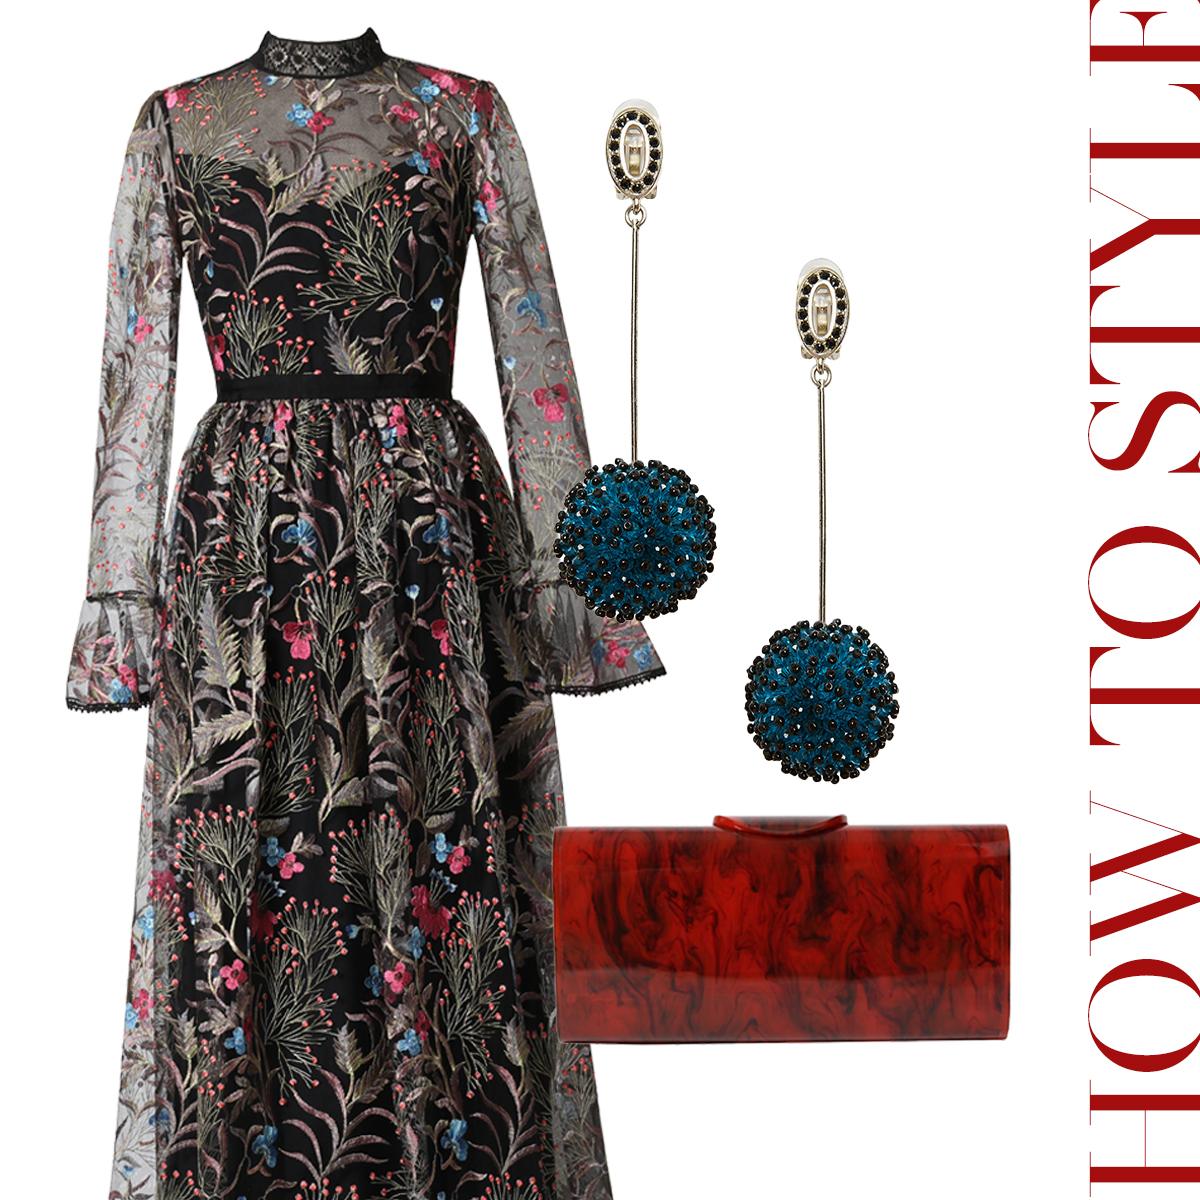 黒のチュールに色鮮やかな刺繍が施された長袖のロングドレスにべっ甲模様のアクリルのクラッチバッグとネイビーのボールが付いた揺れるイヤリングを合わせたおしゃれなコーディネート